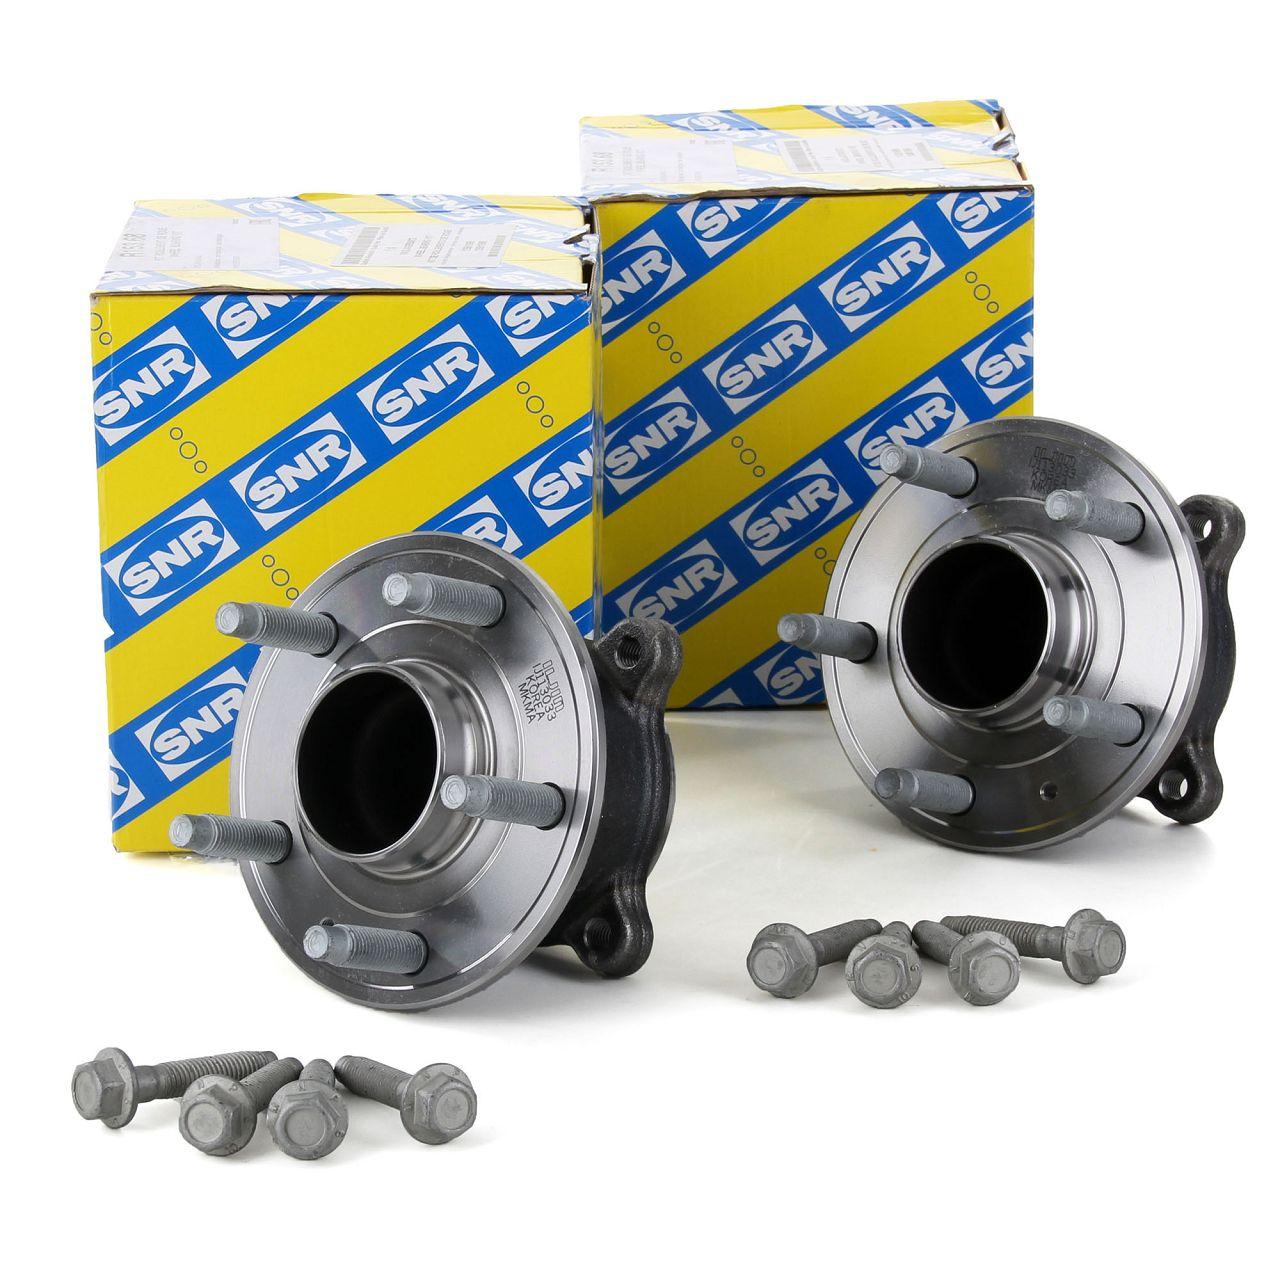 2x SNR R153.68 Radlagersatz OPEL Astra J bis 09.2105 + GTC bis 11.2013 hinten 13591998